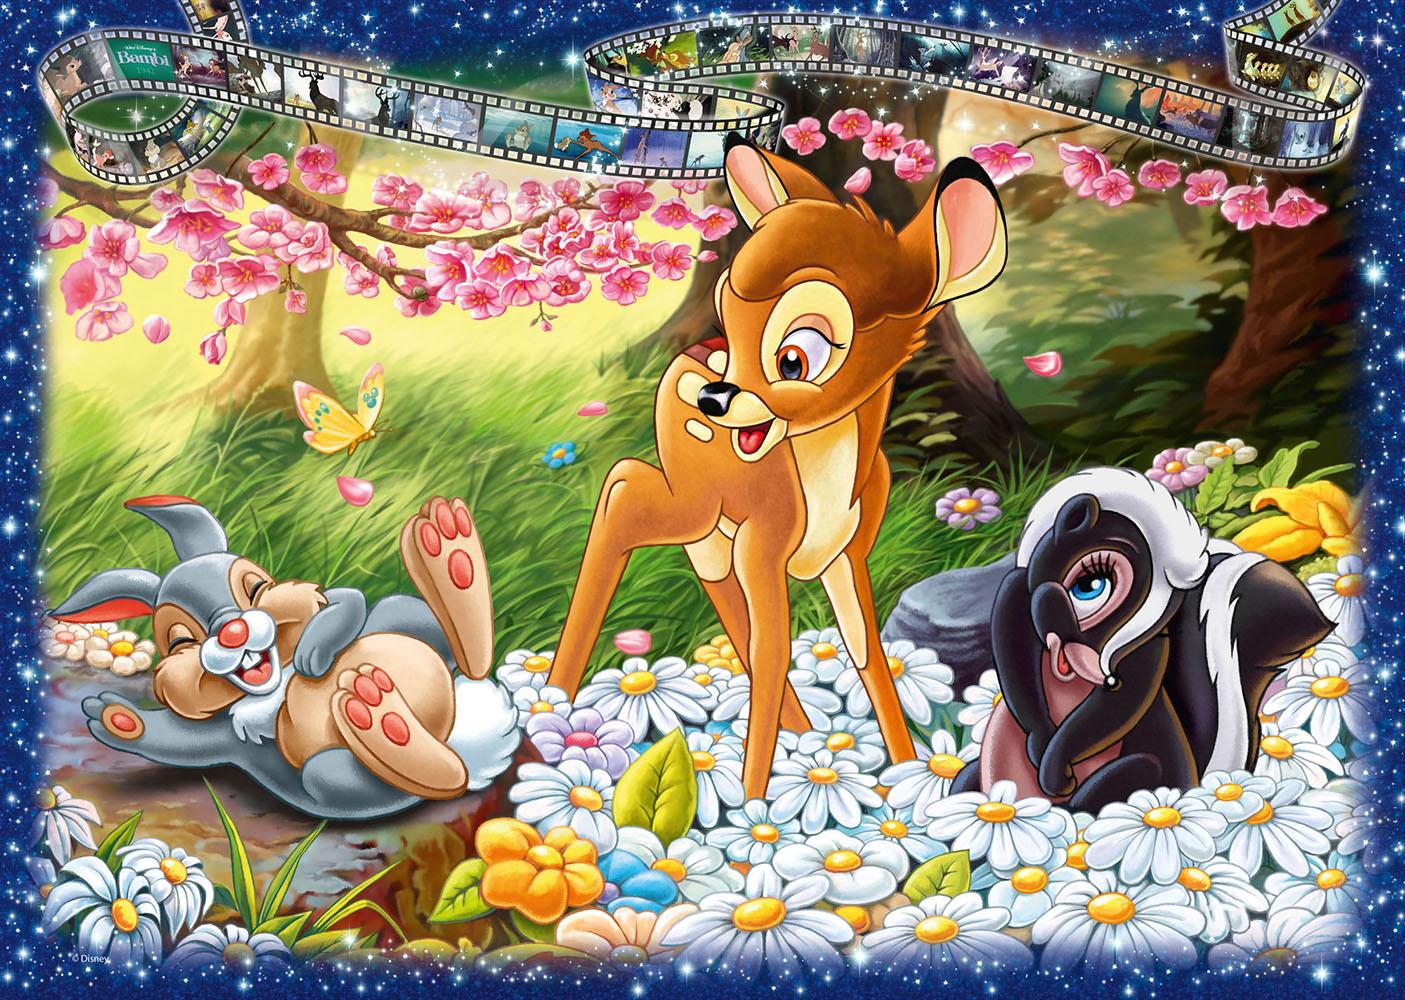 Casse-tête 1000 pièces - Bambi